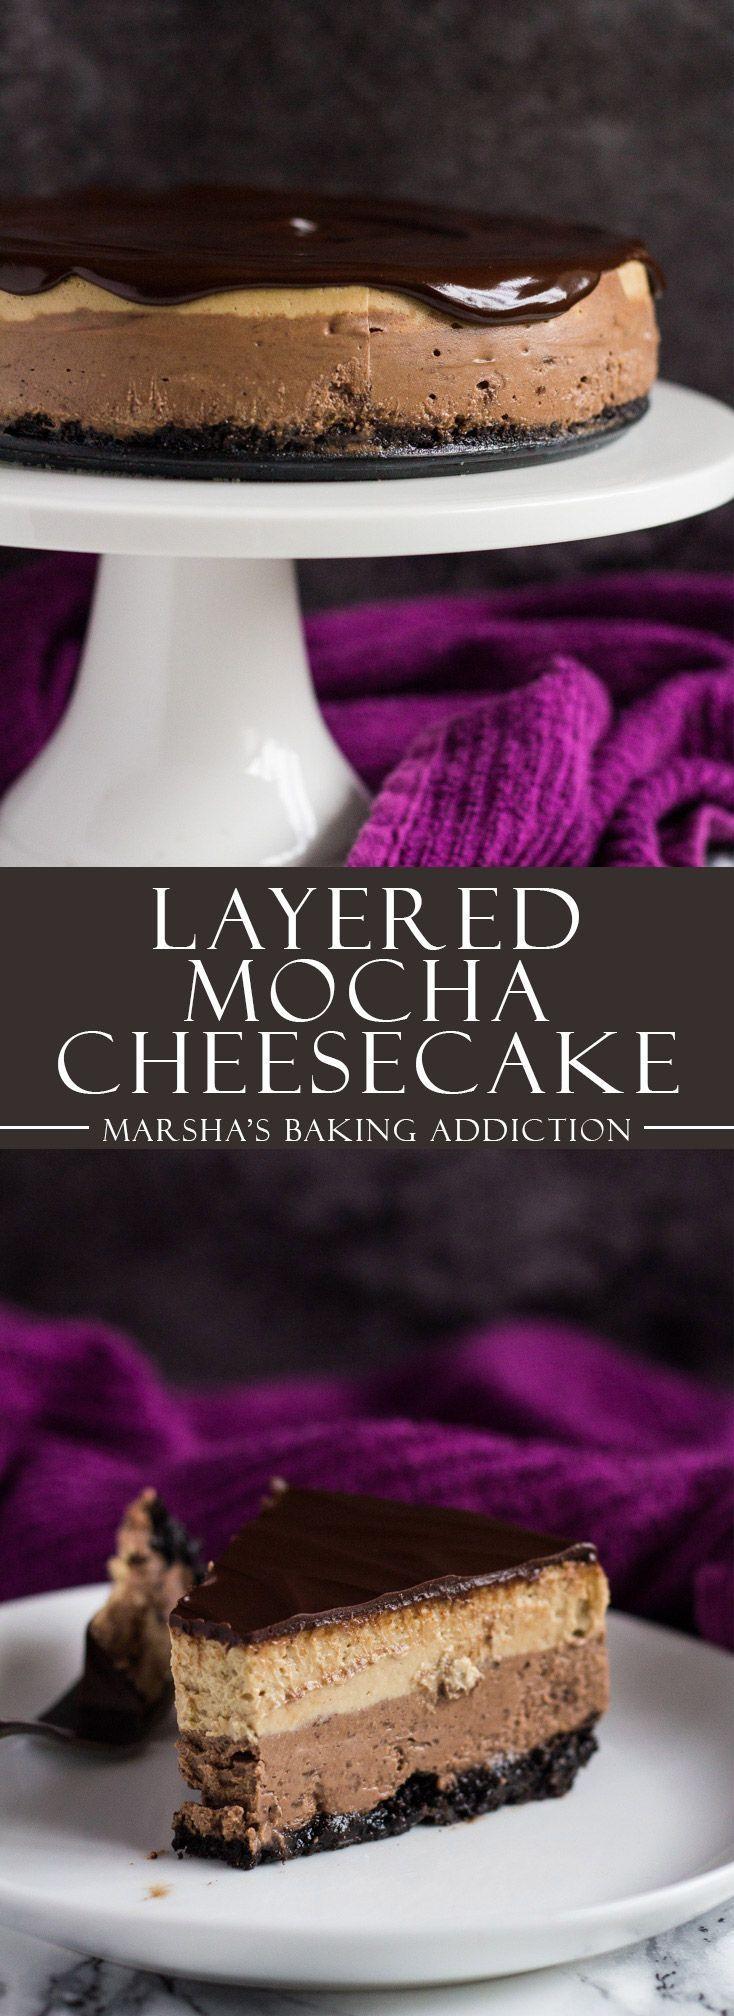 Layered Mocha Cheesecake | http://marshasbakingaddiction.com /marshasbakeblog/